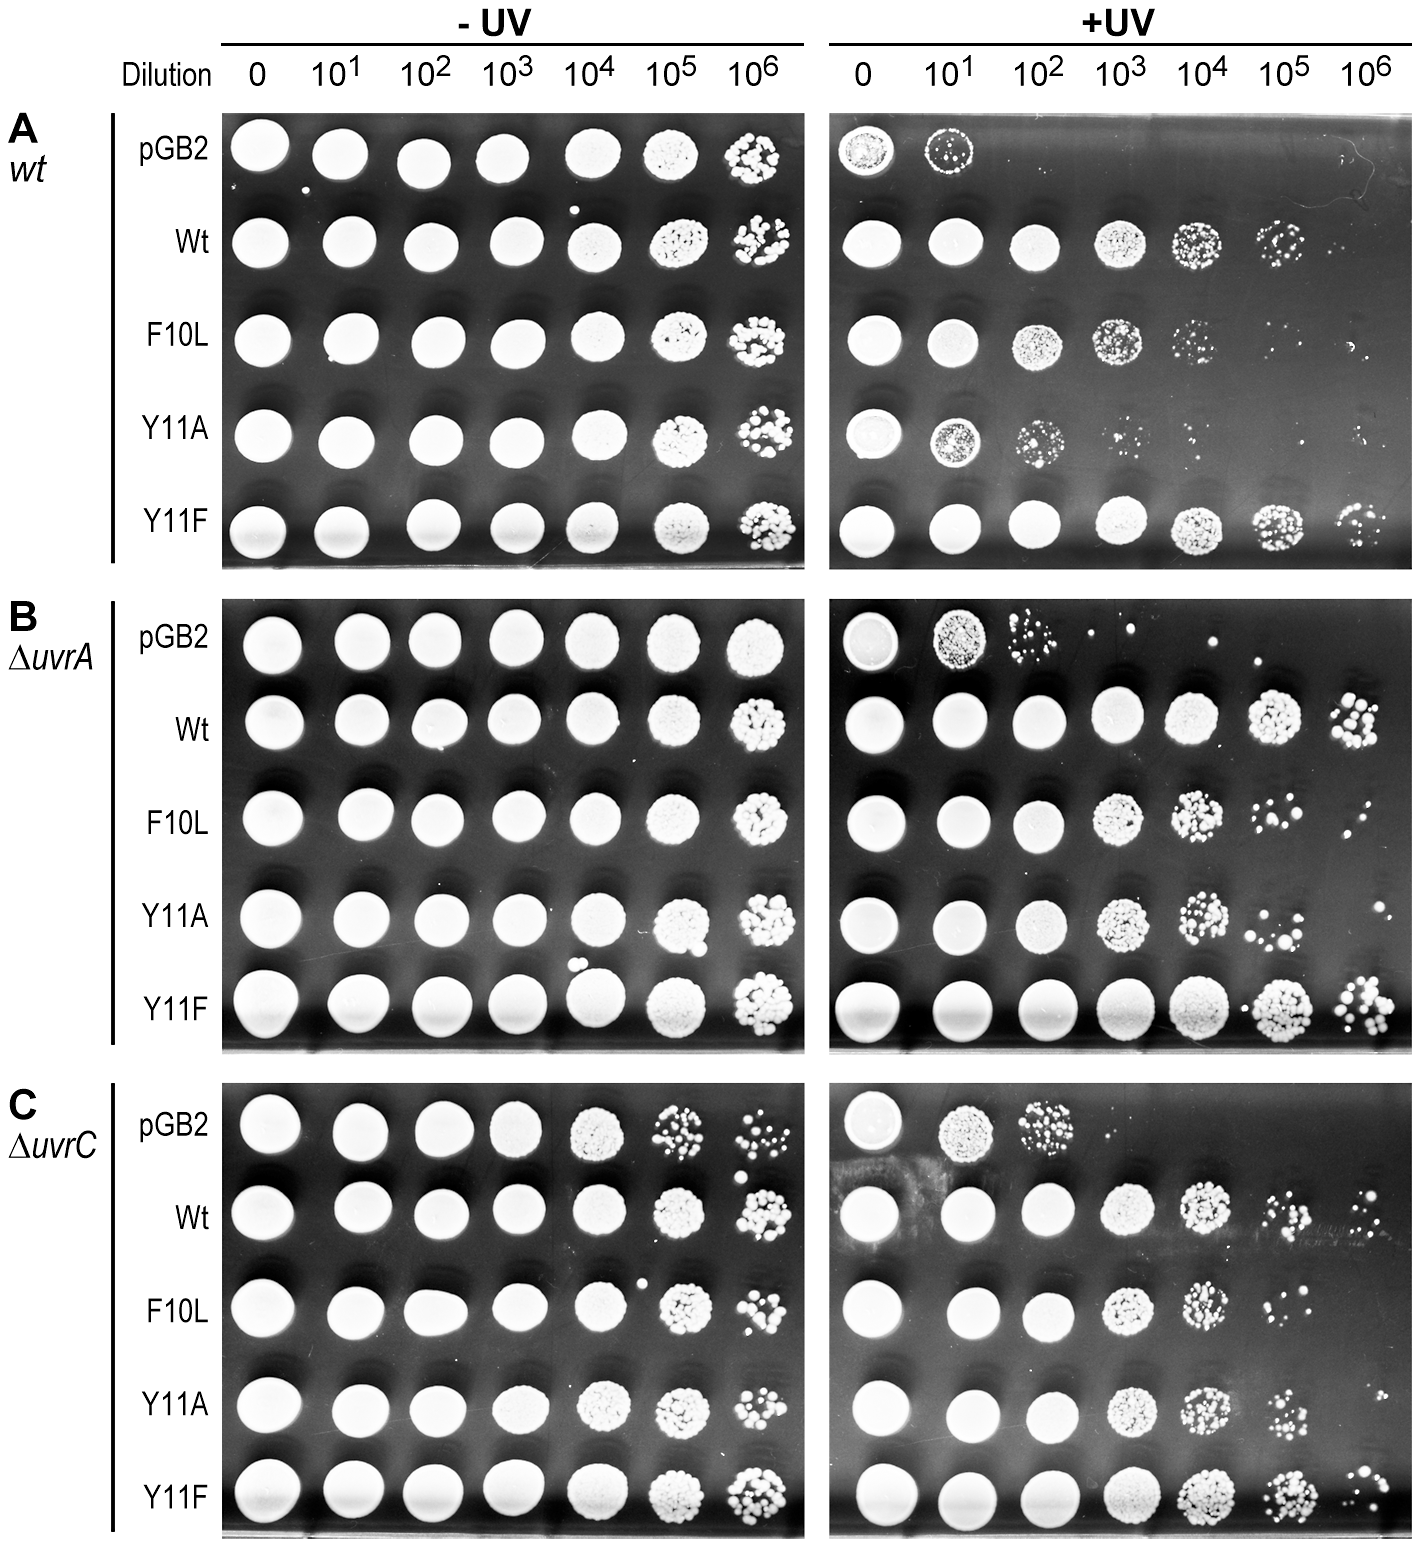 Role of NER in strains expressing pol V variants.